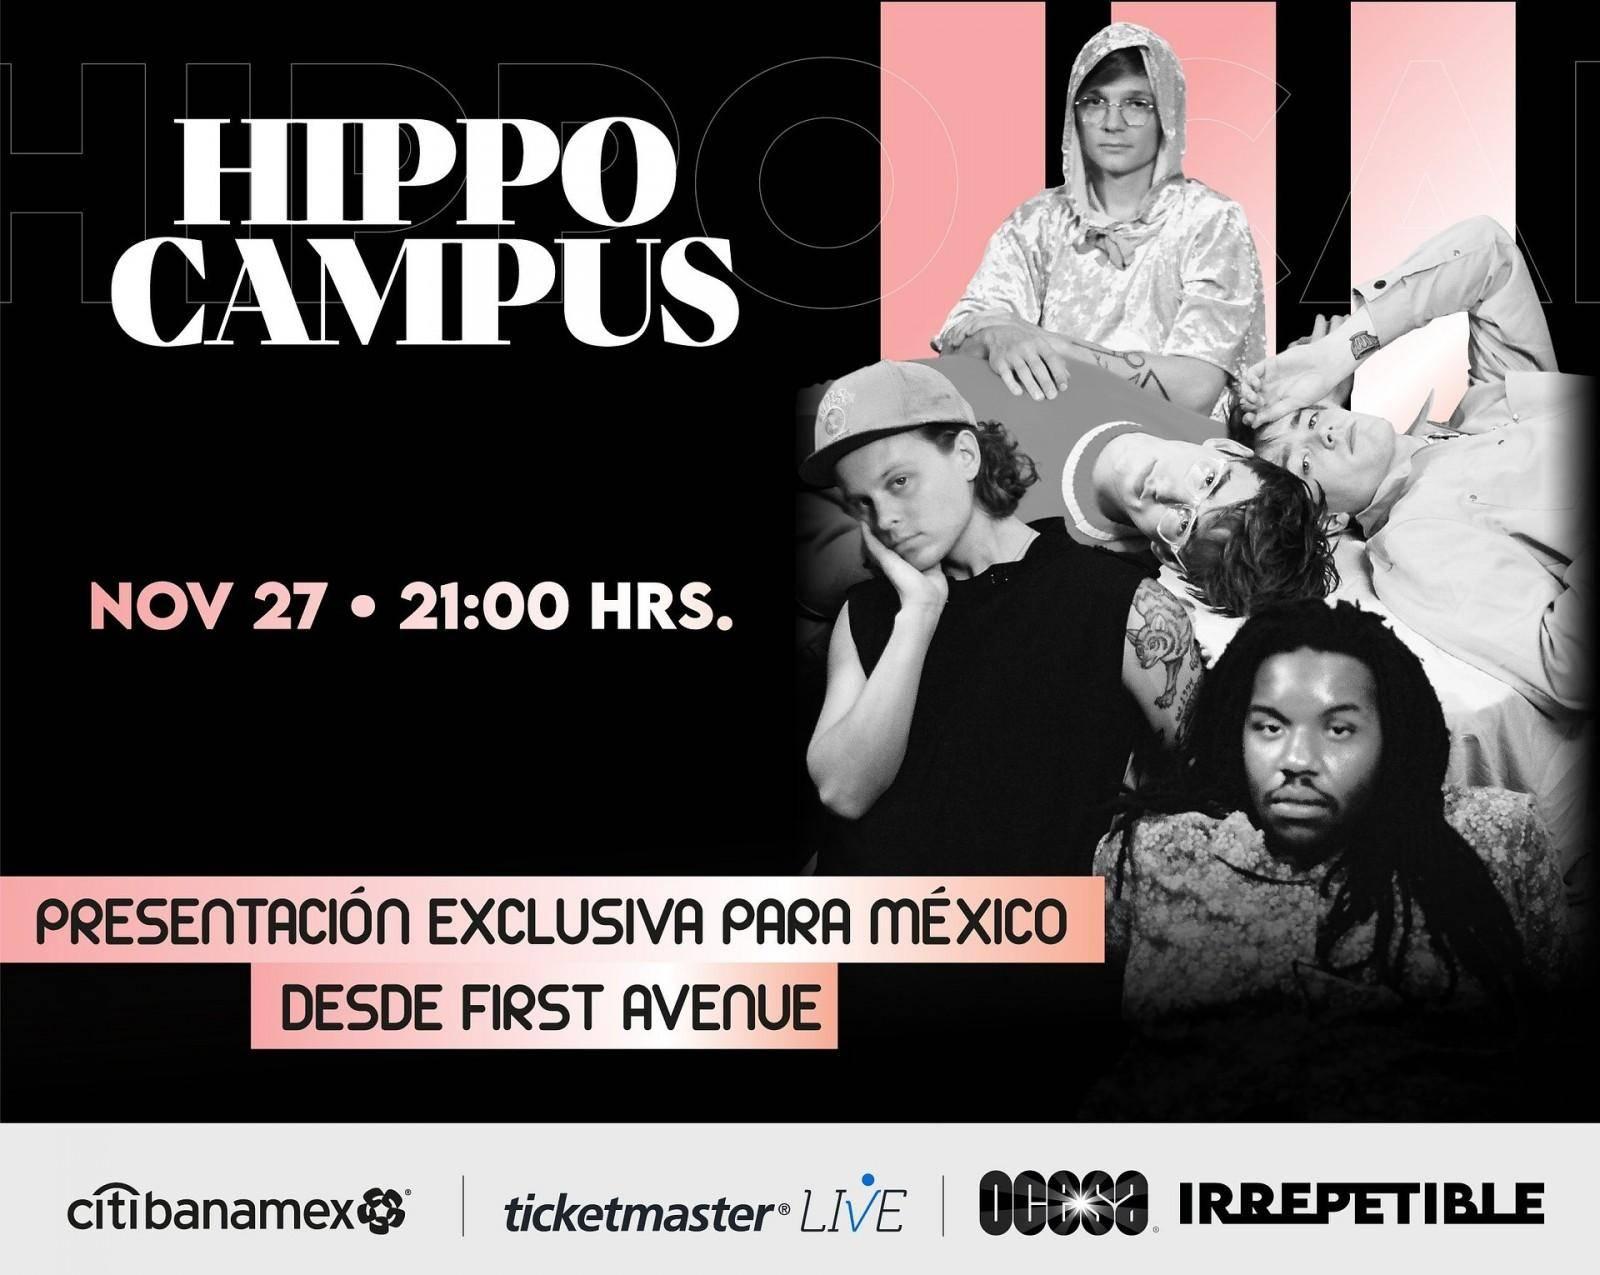 hippo campus lp